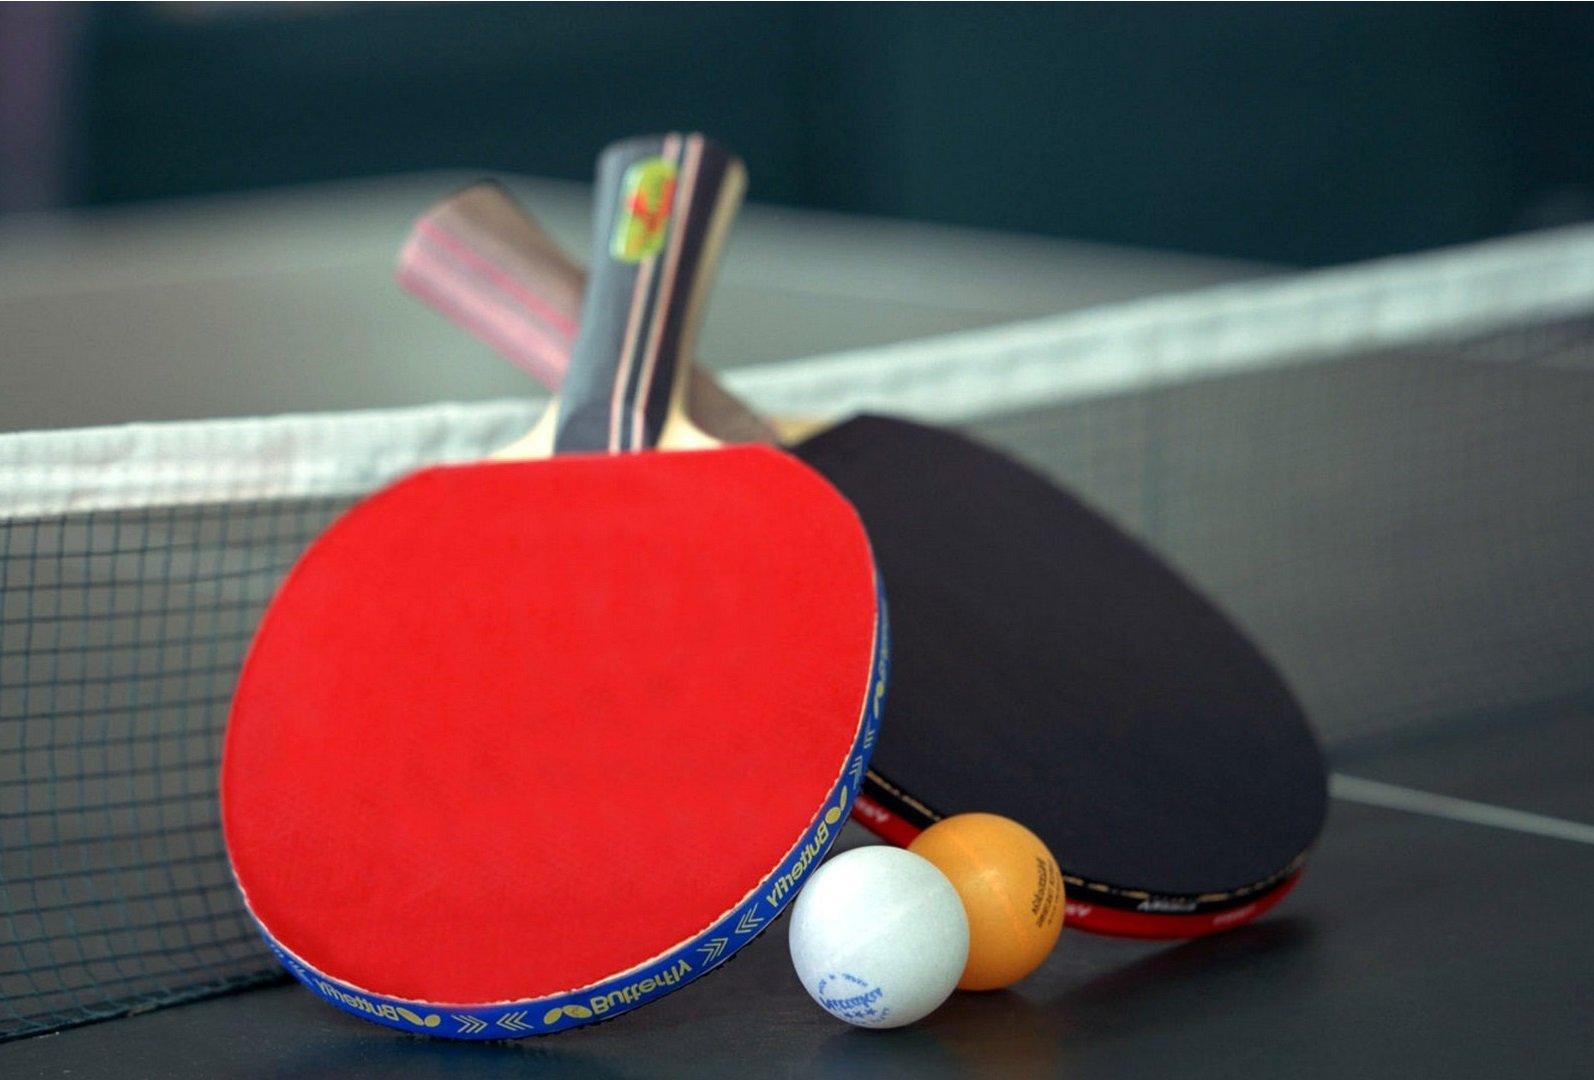 Обои на рабочий стол настольный теннис